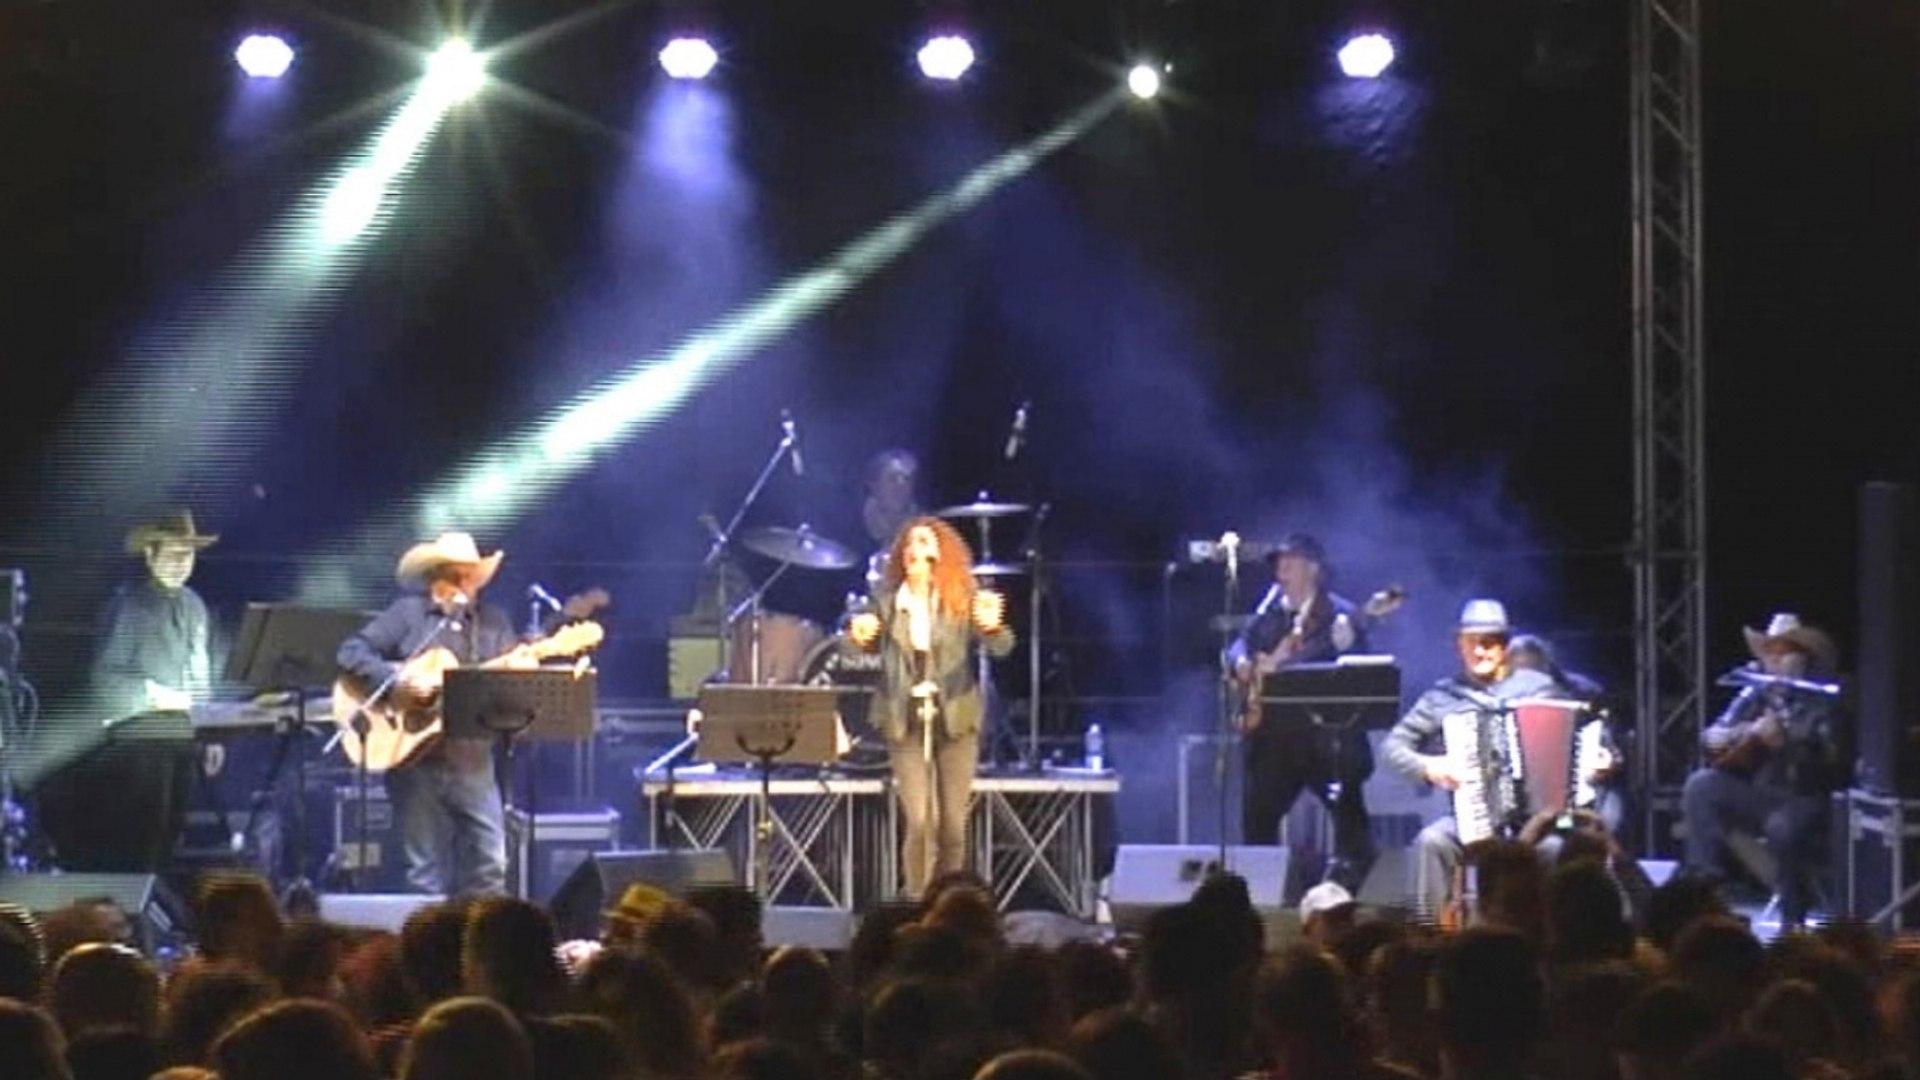 Banda della Posta - Se la morte me la dessi tu - @ Sponz Fest 2016 (Musica italiana da ballo)